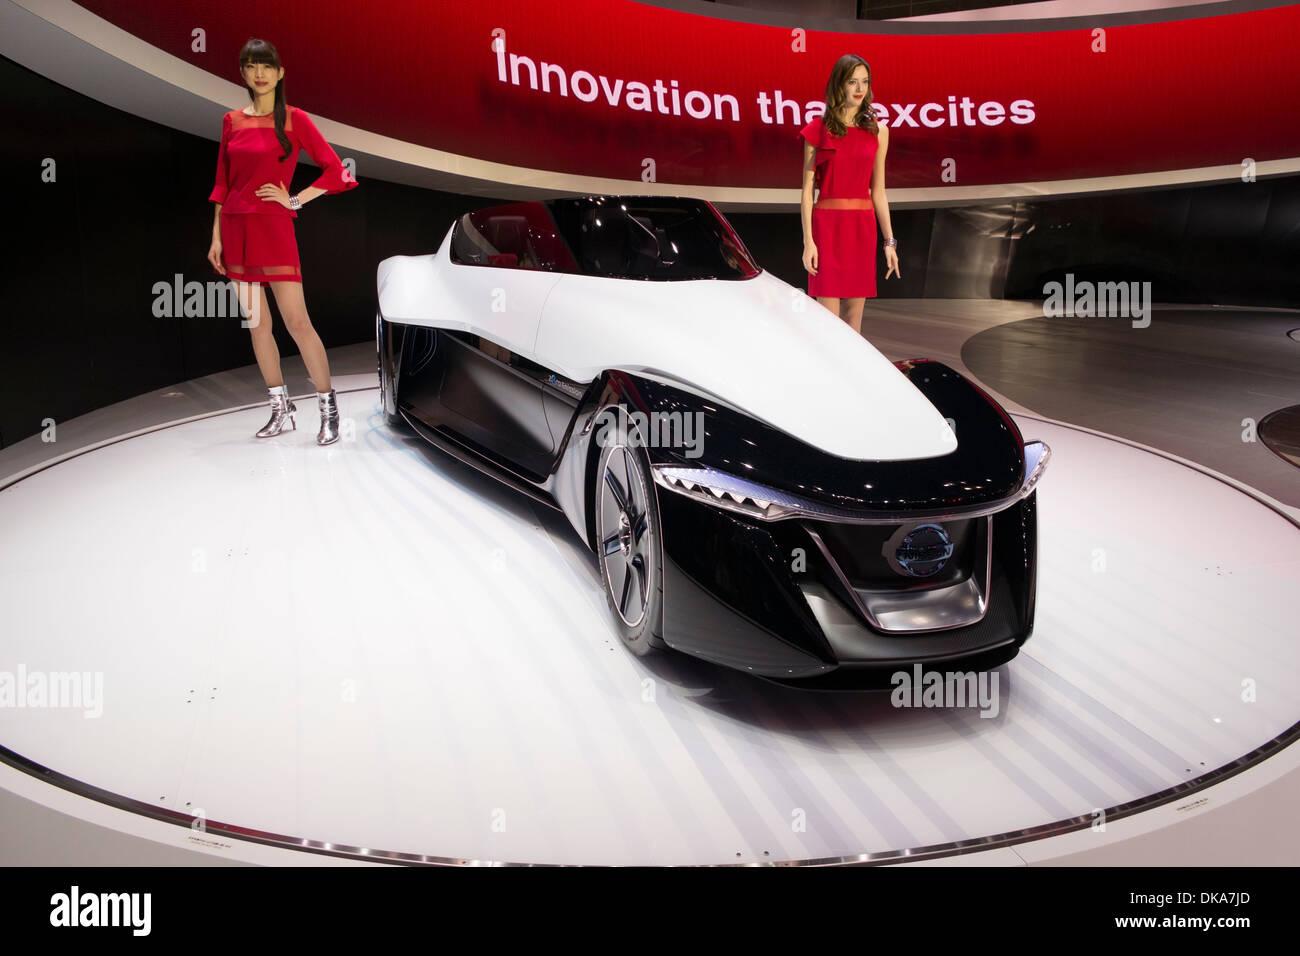 Nissan Bladeglider concept car elettrica al Motor Show di Tokyo 2013 in Giappone Immagini Stock